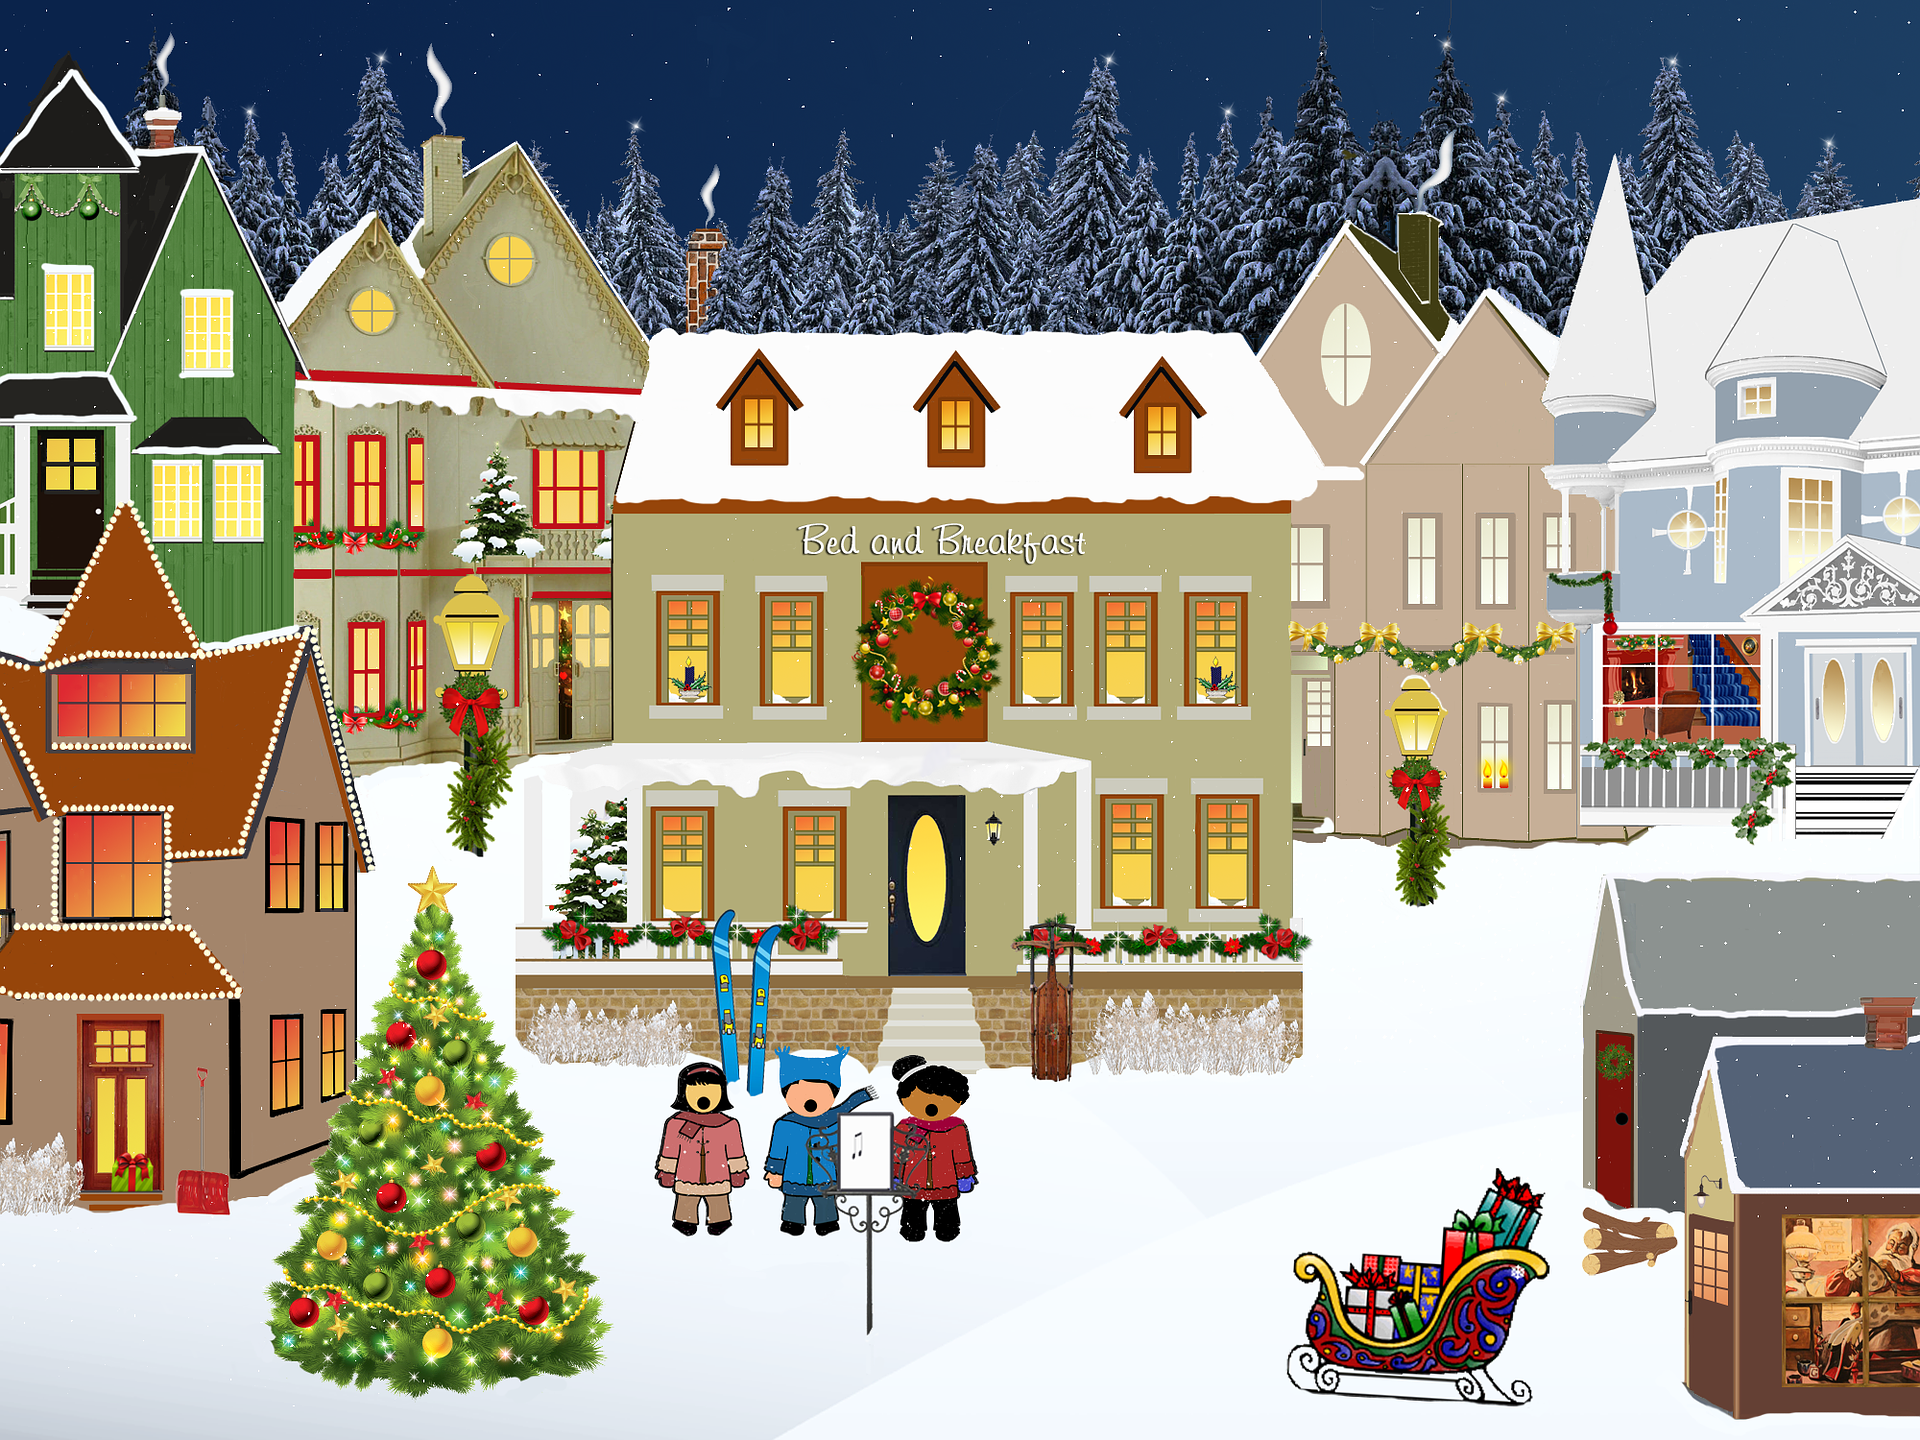 Joulu ja joulutori